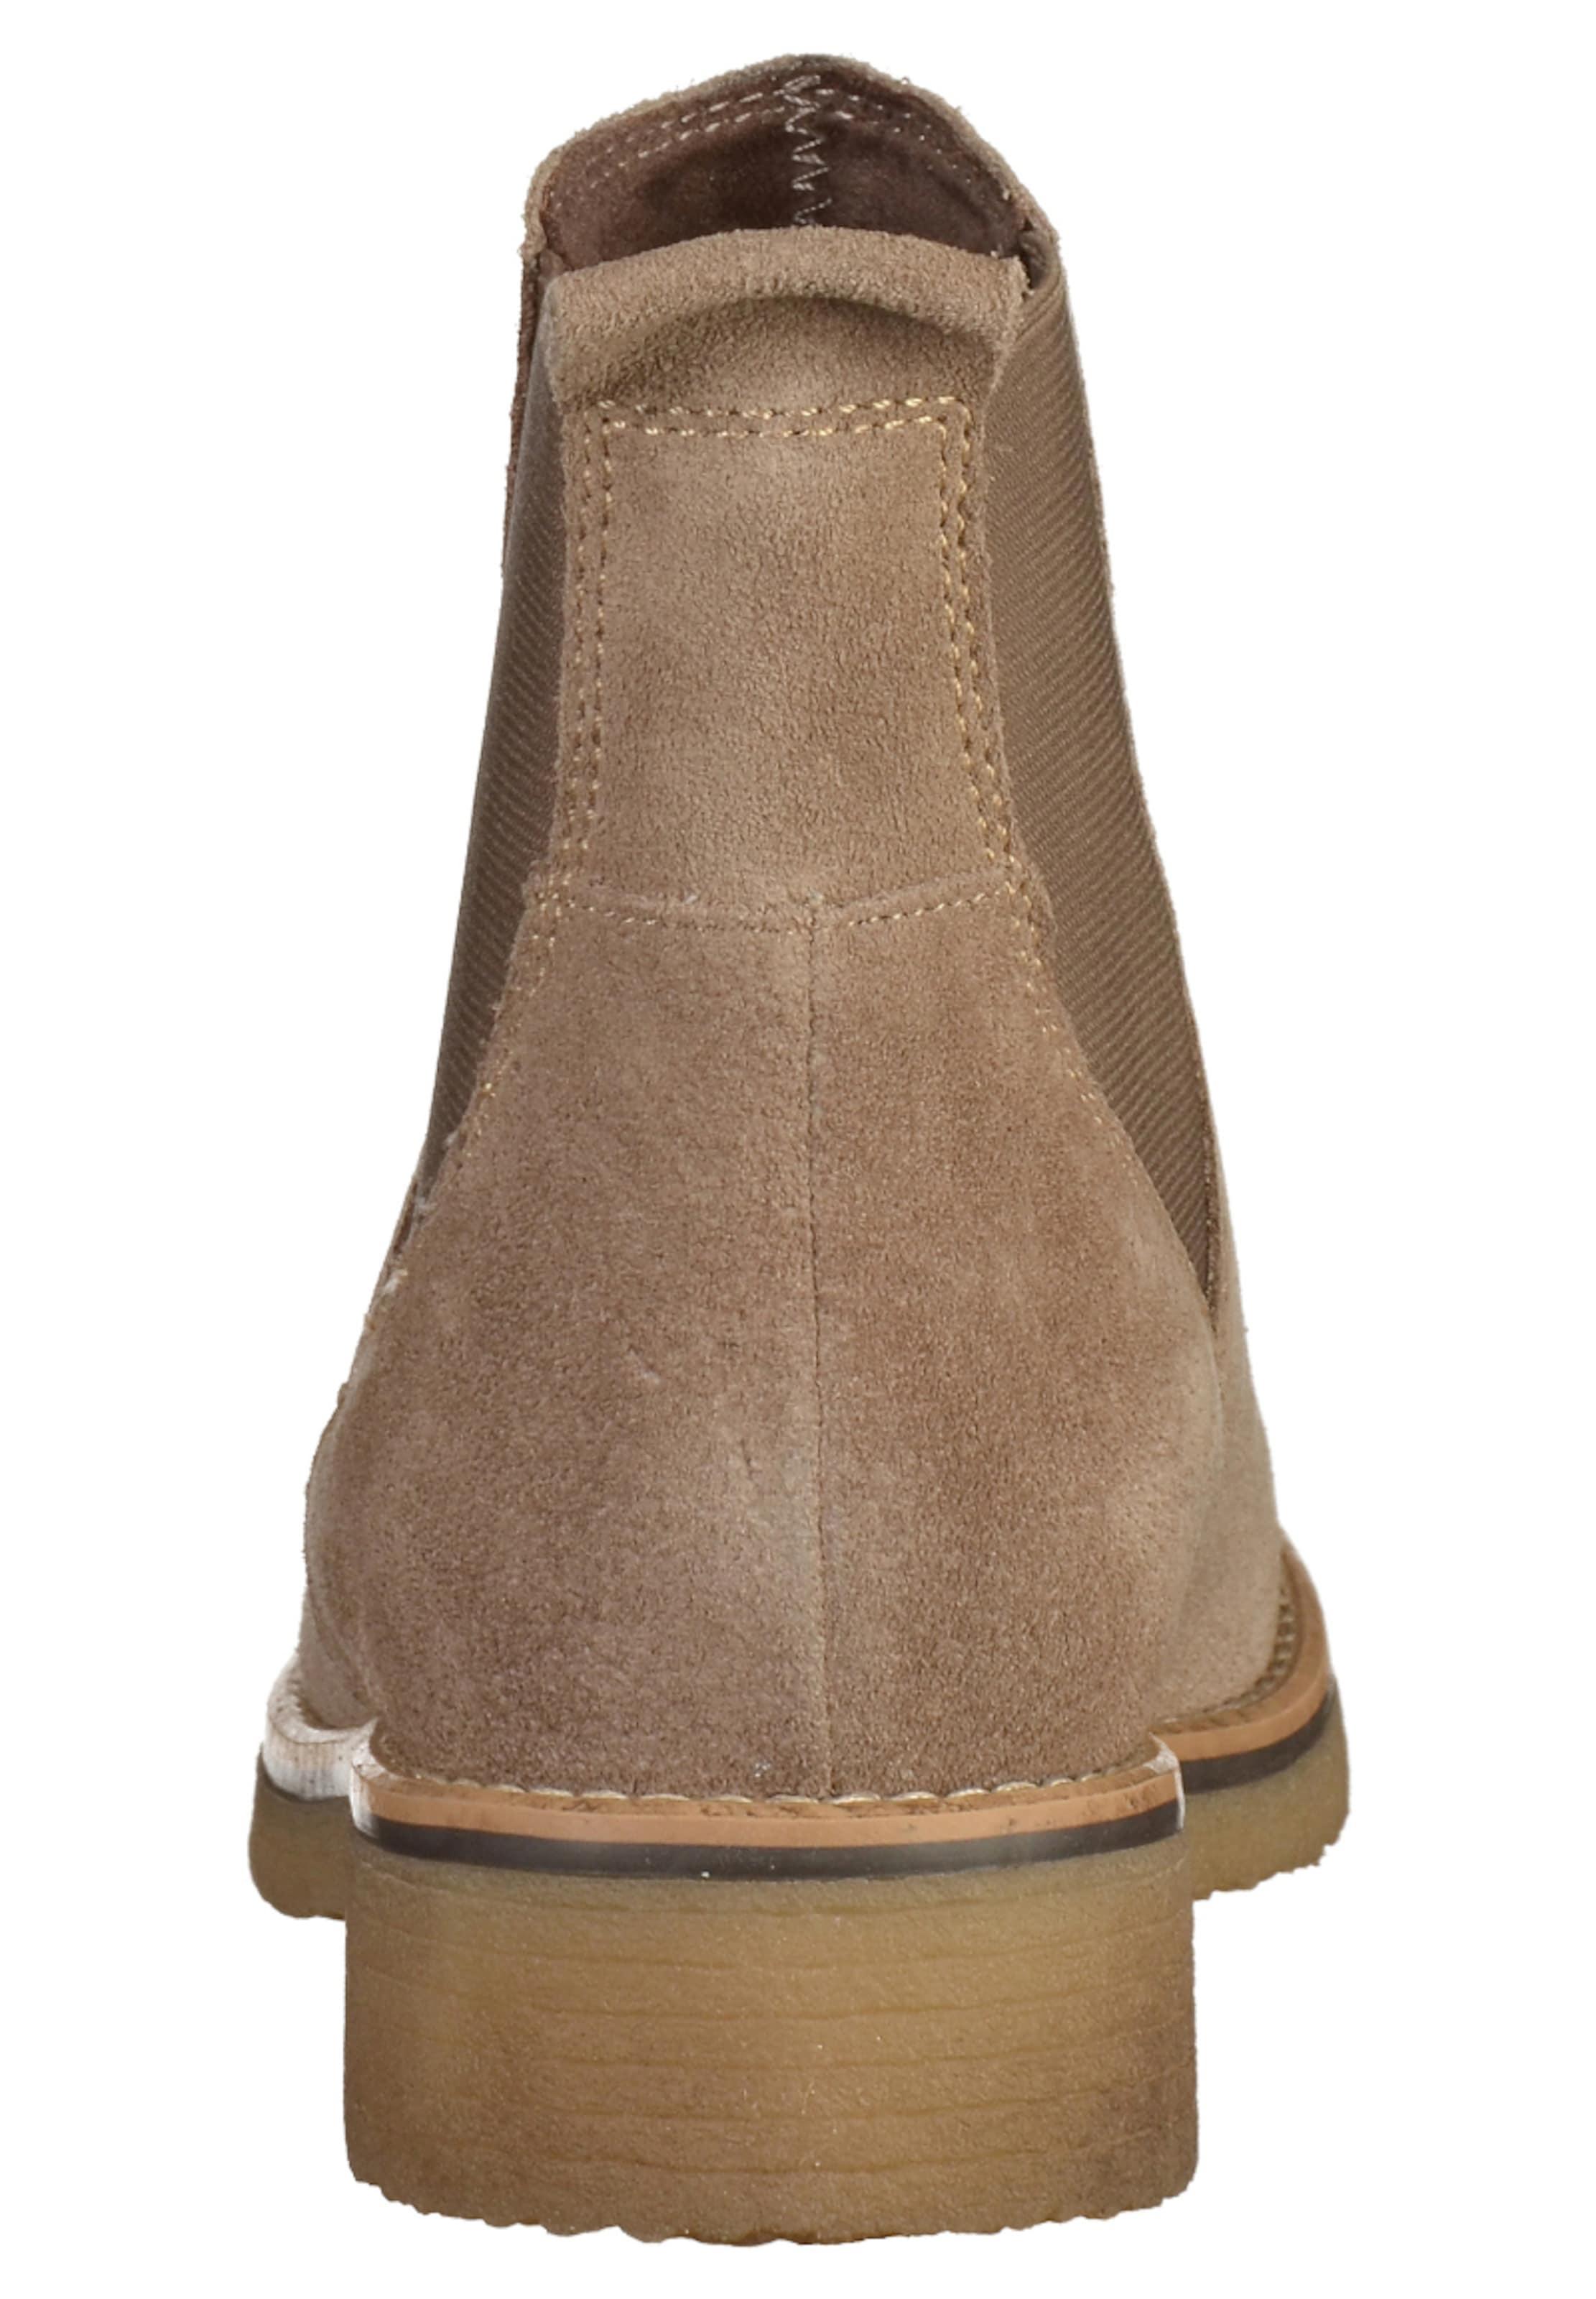 Chelsea Boots In Boots Tamaris Hellbeige Tamaris Chelsea In oWQdxBrCe